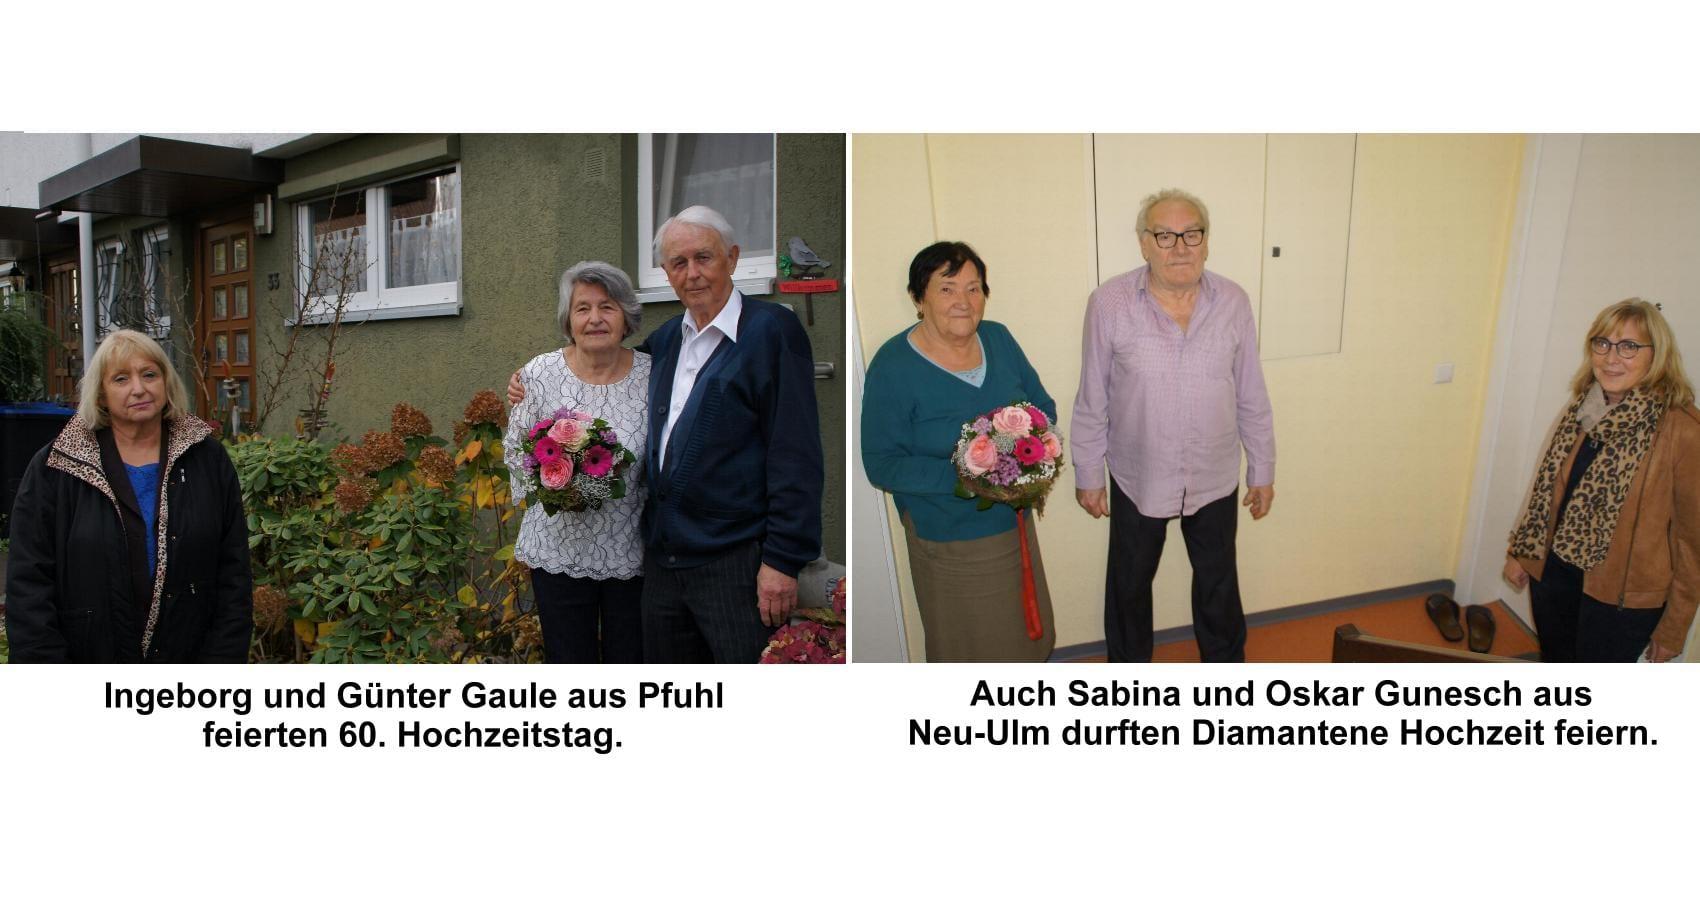 60.Hochzeitstag Gaule Gunesch